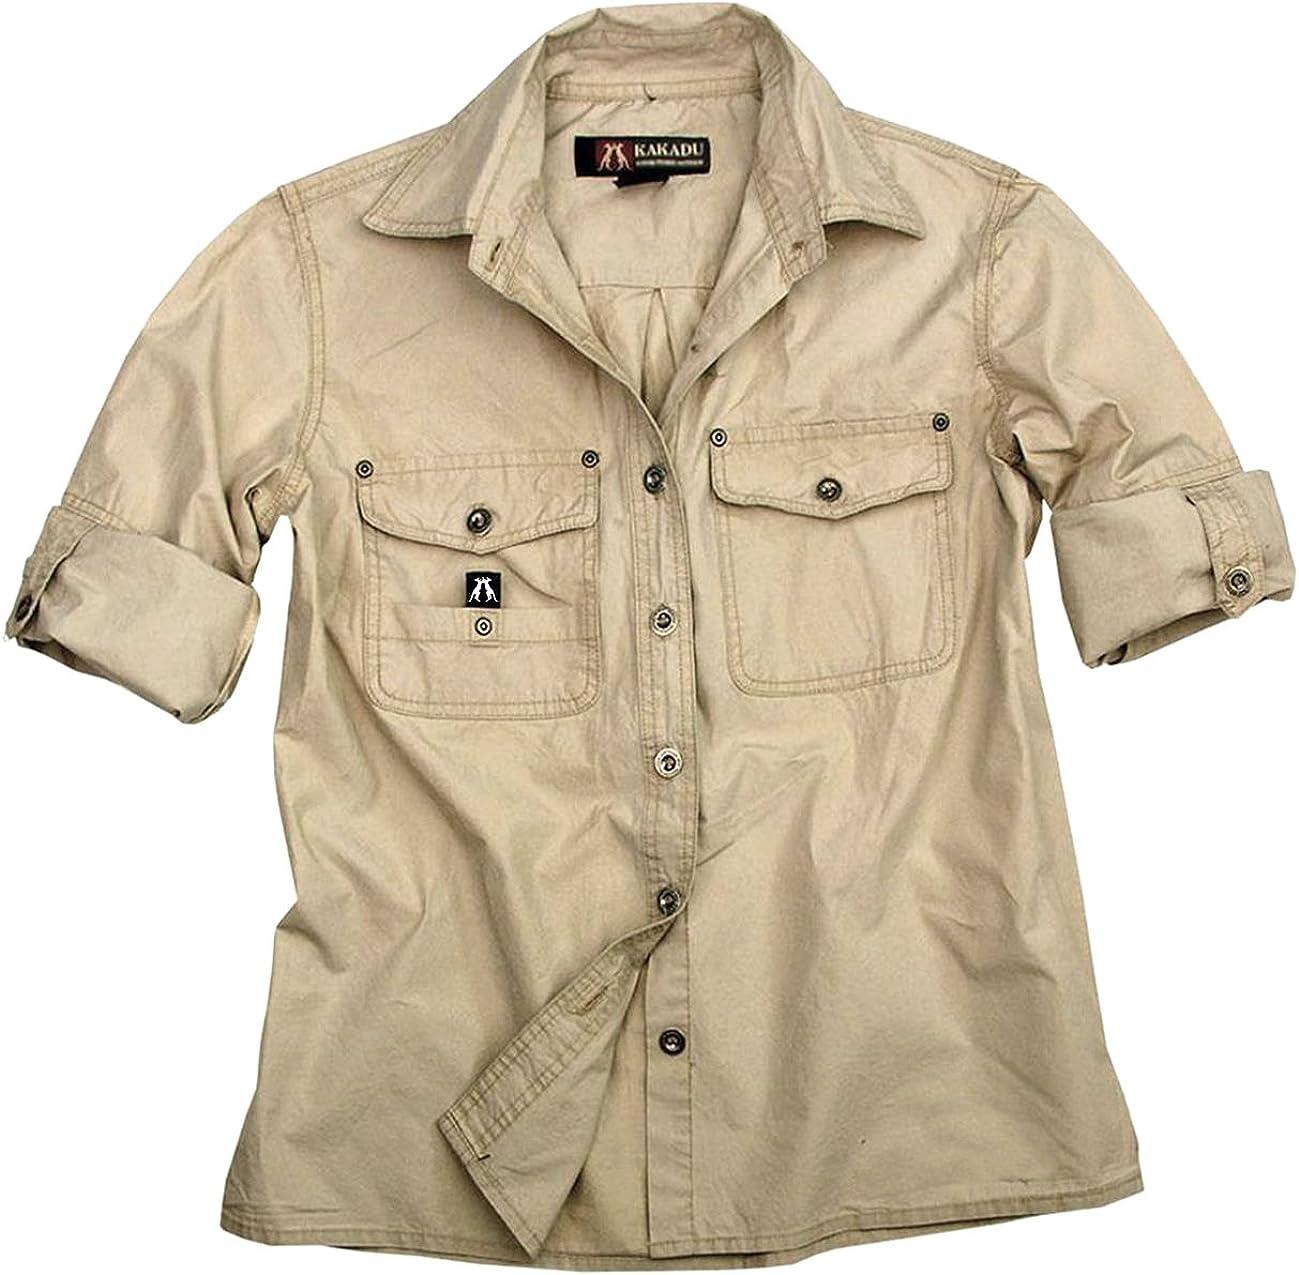 Guiran Camicia A Maniche Lunghe Cargo Uomo Camicia da Safari con Tasche